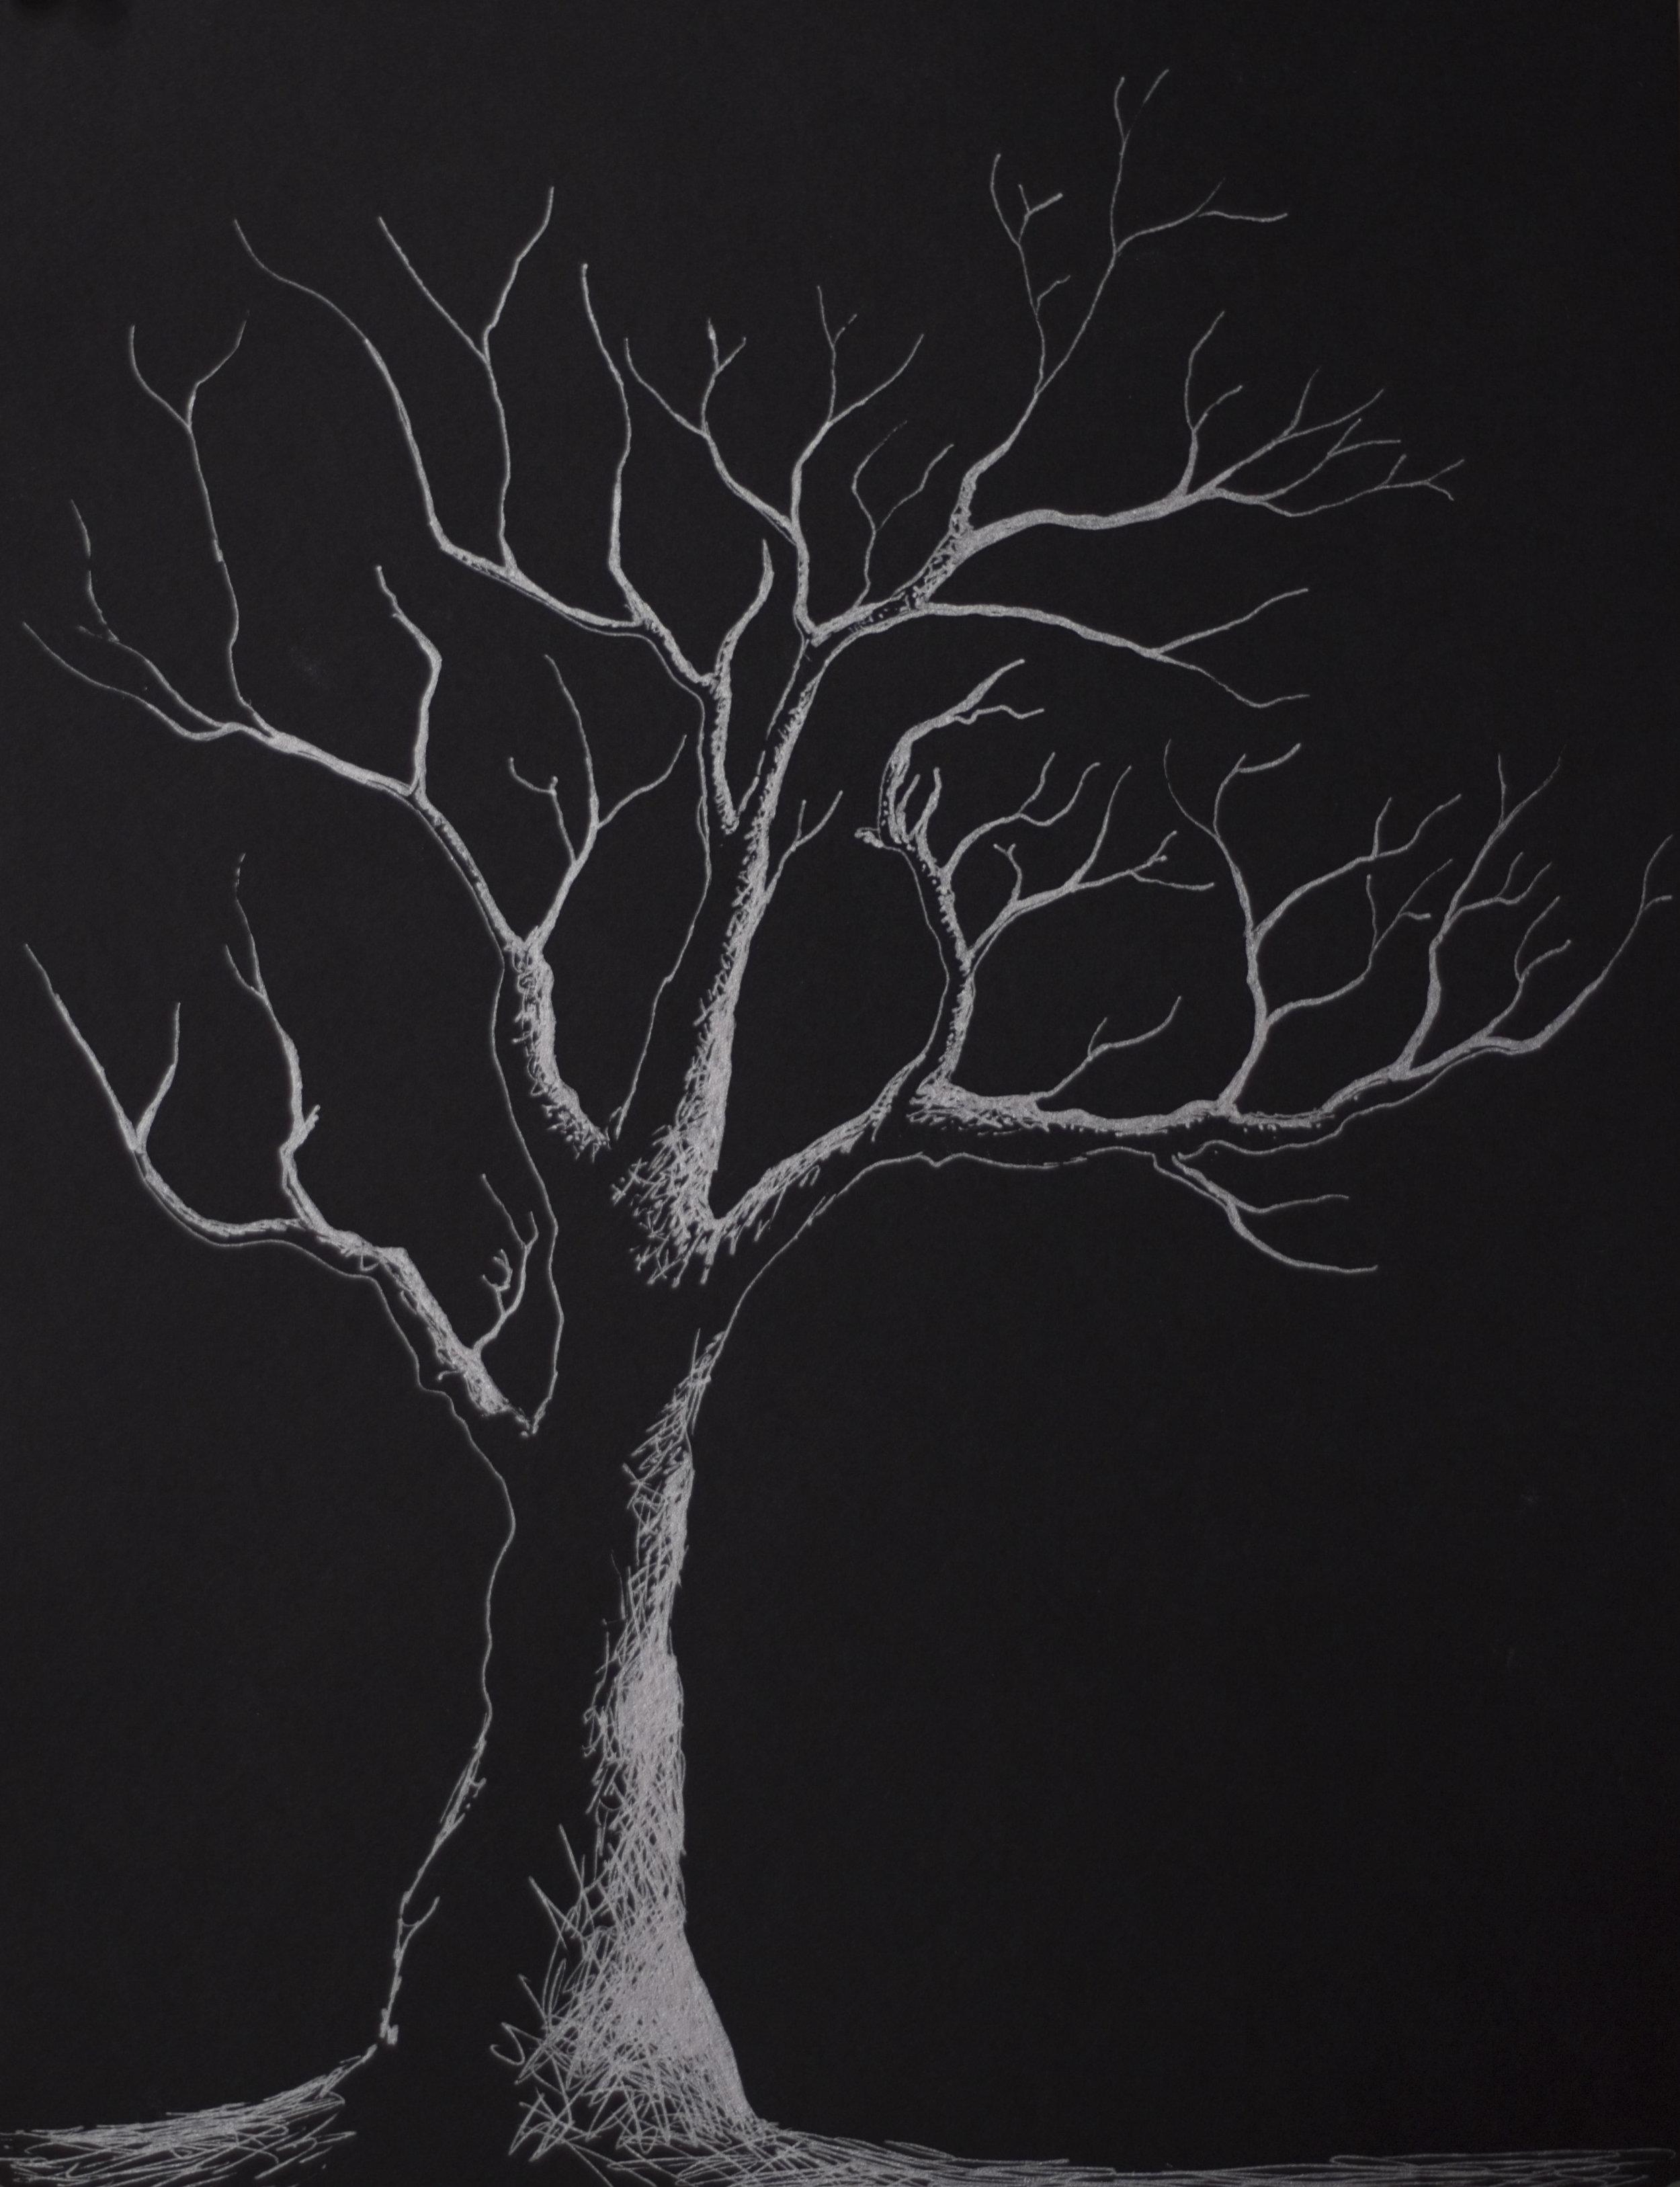 Tree • 12 x 9 • Silver pen • 150